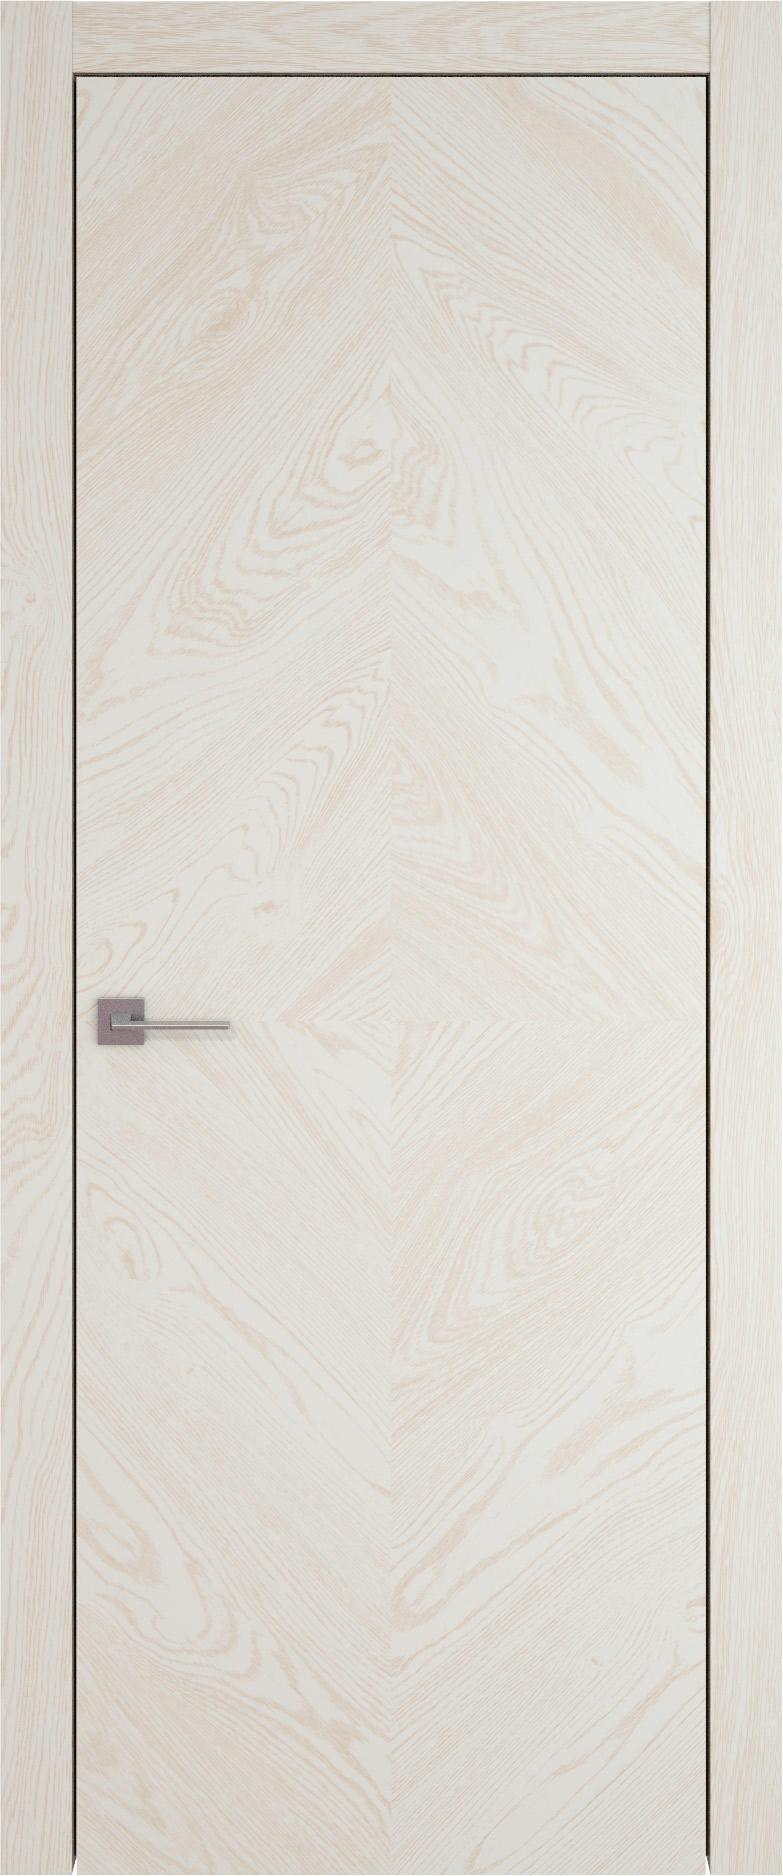 Tivoli К-1 цвет - Бежевый ясень Без стекла (ДГ)